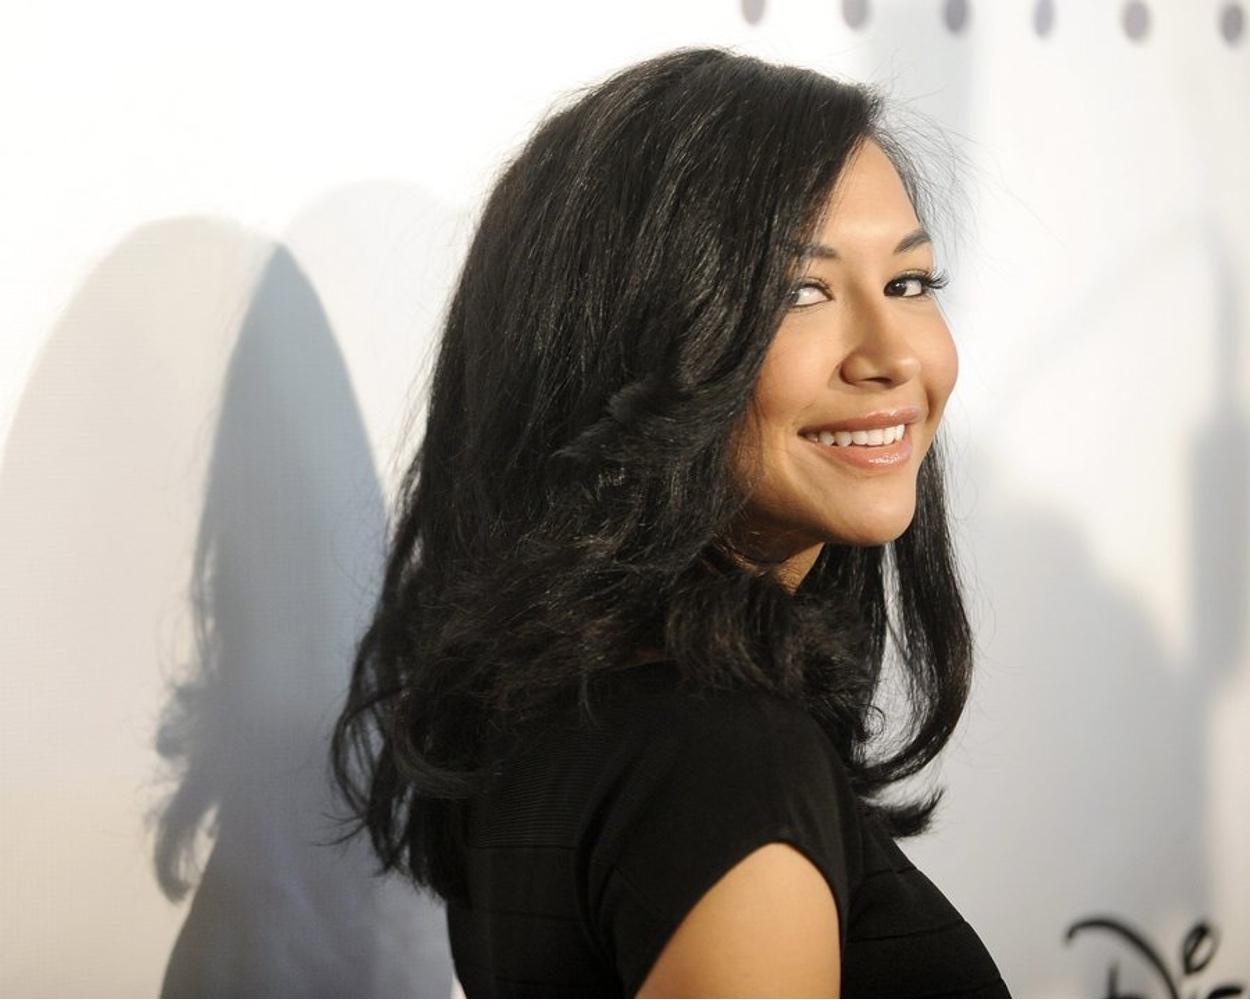 Νεκρή θεωρείται διάσημη ηθοποιός του Glee από ατύχημα με βάρκα